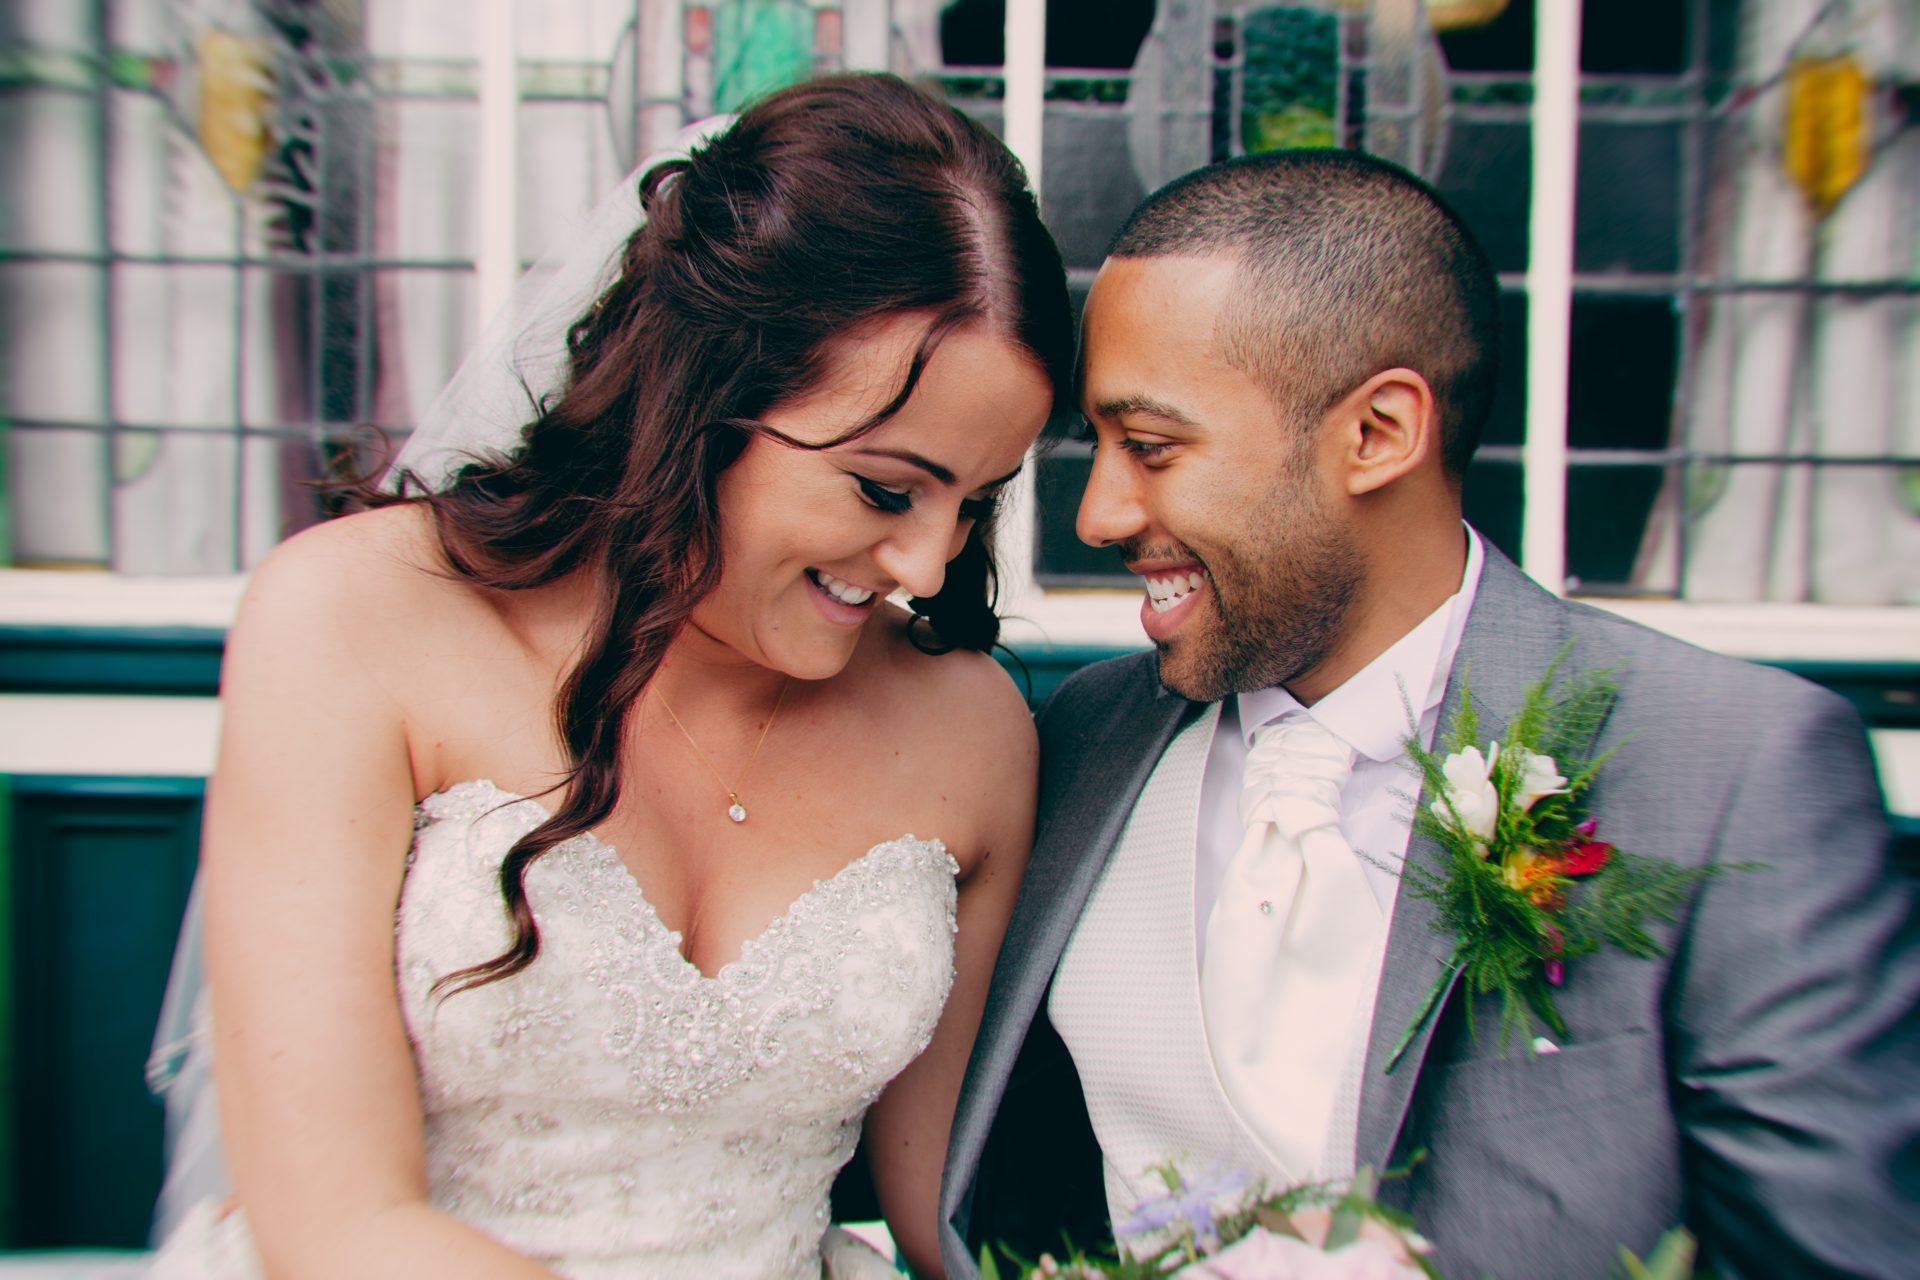 couple-candid-wedding-photographer-uk